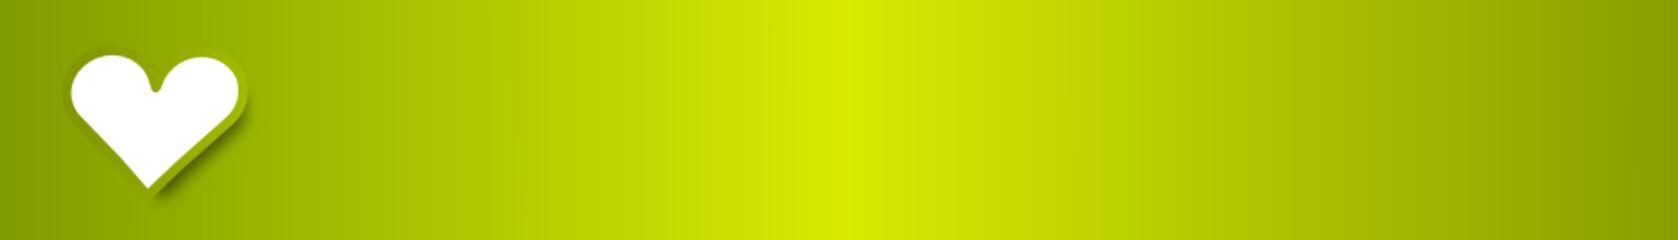 grün banner herz